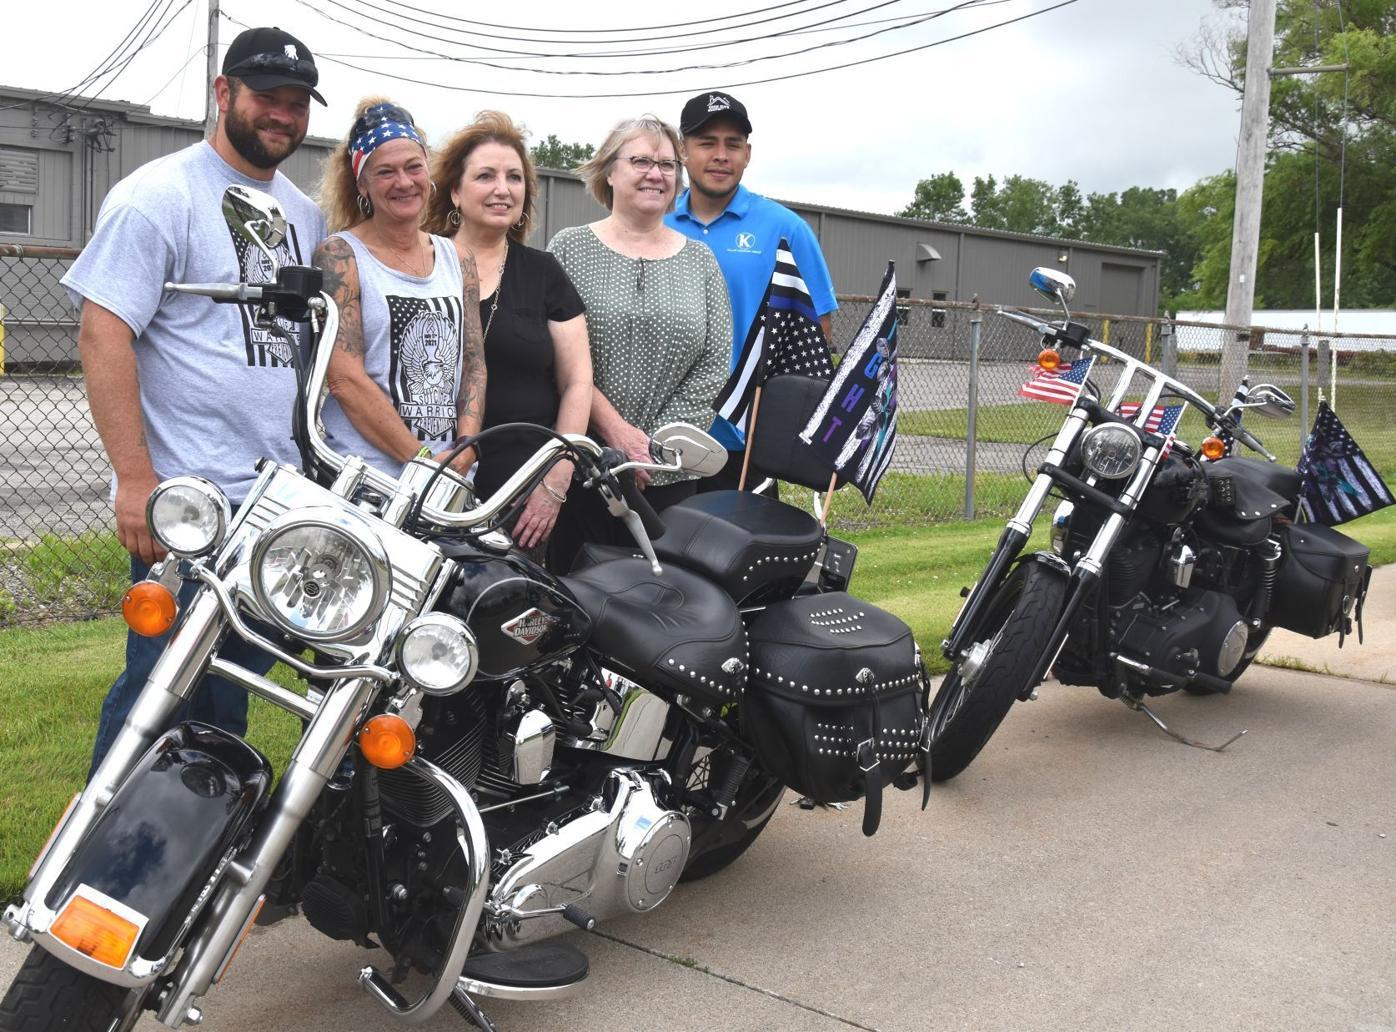 Dennis Deeds motorcycle benefit